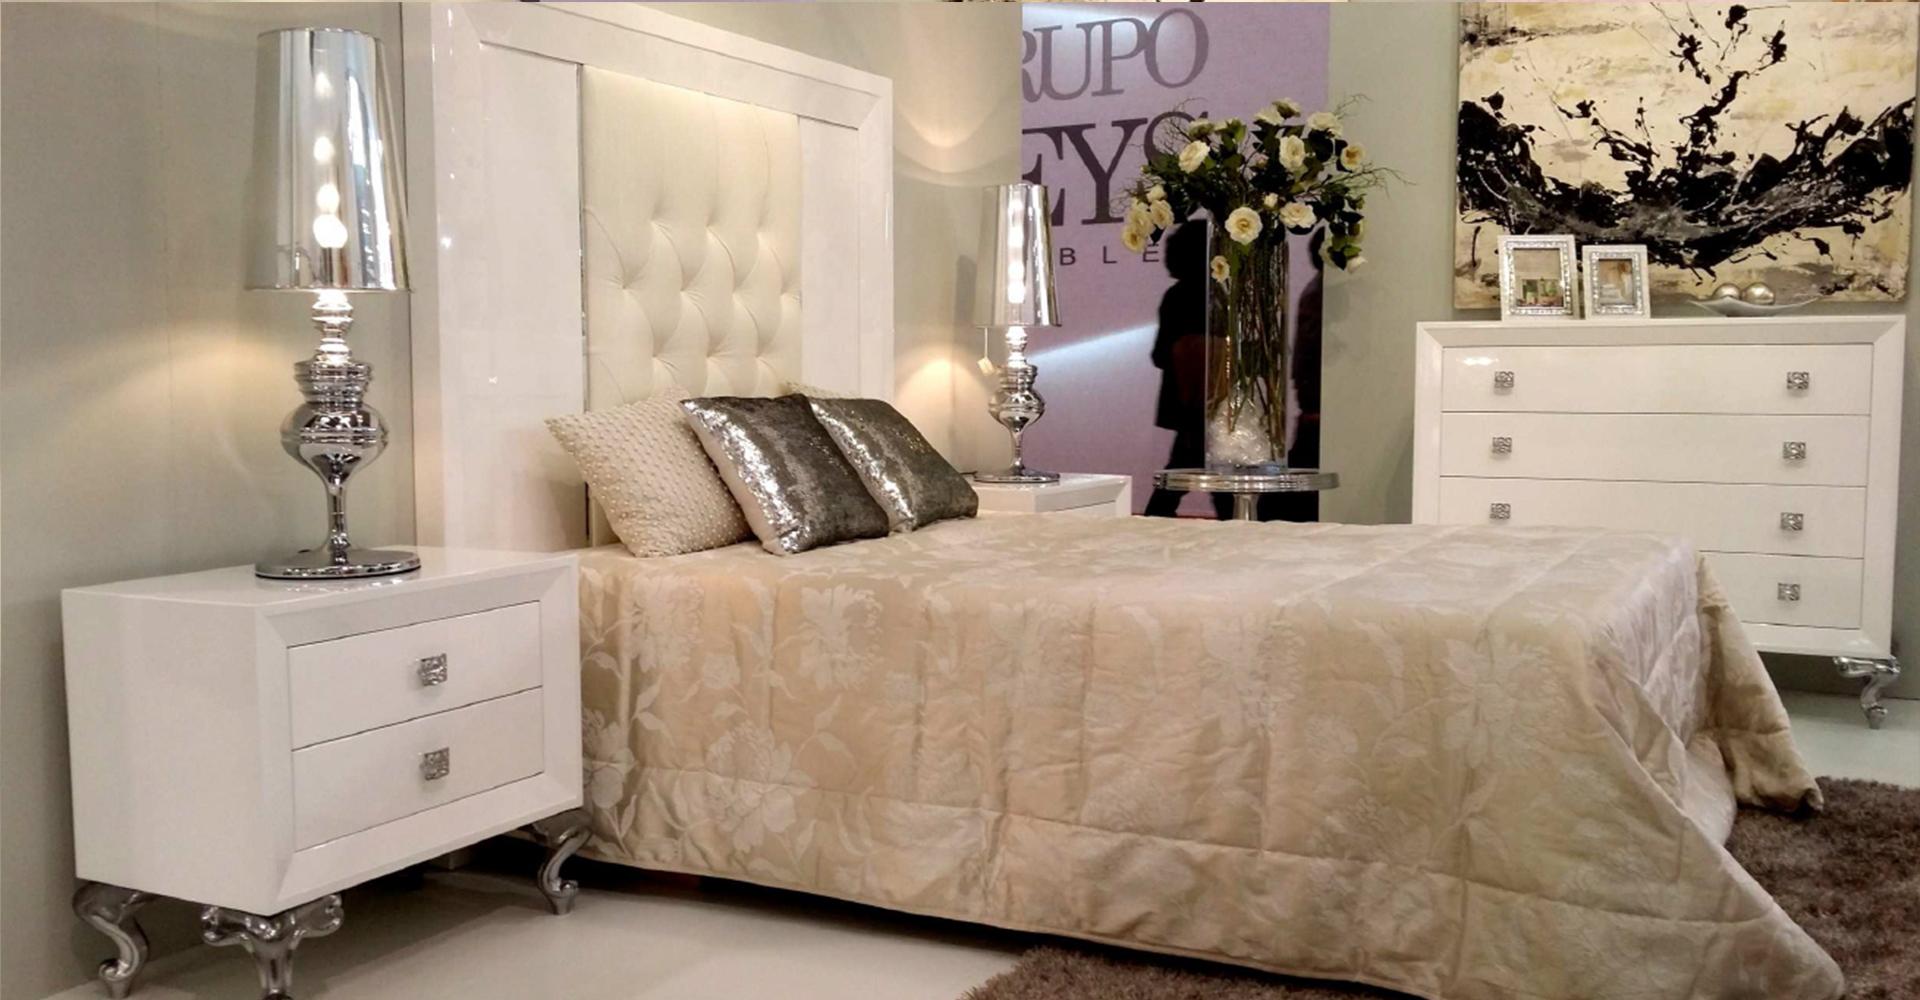 dormitorio de estilo contemporaneo (93)